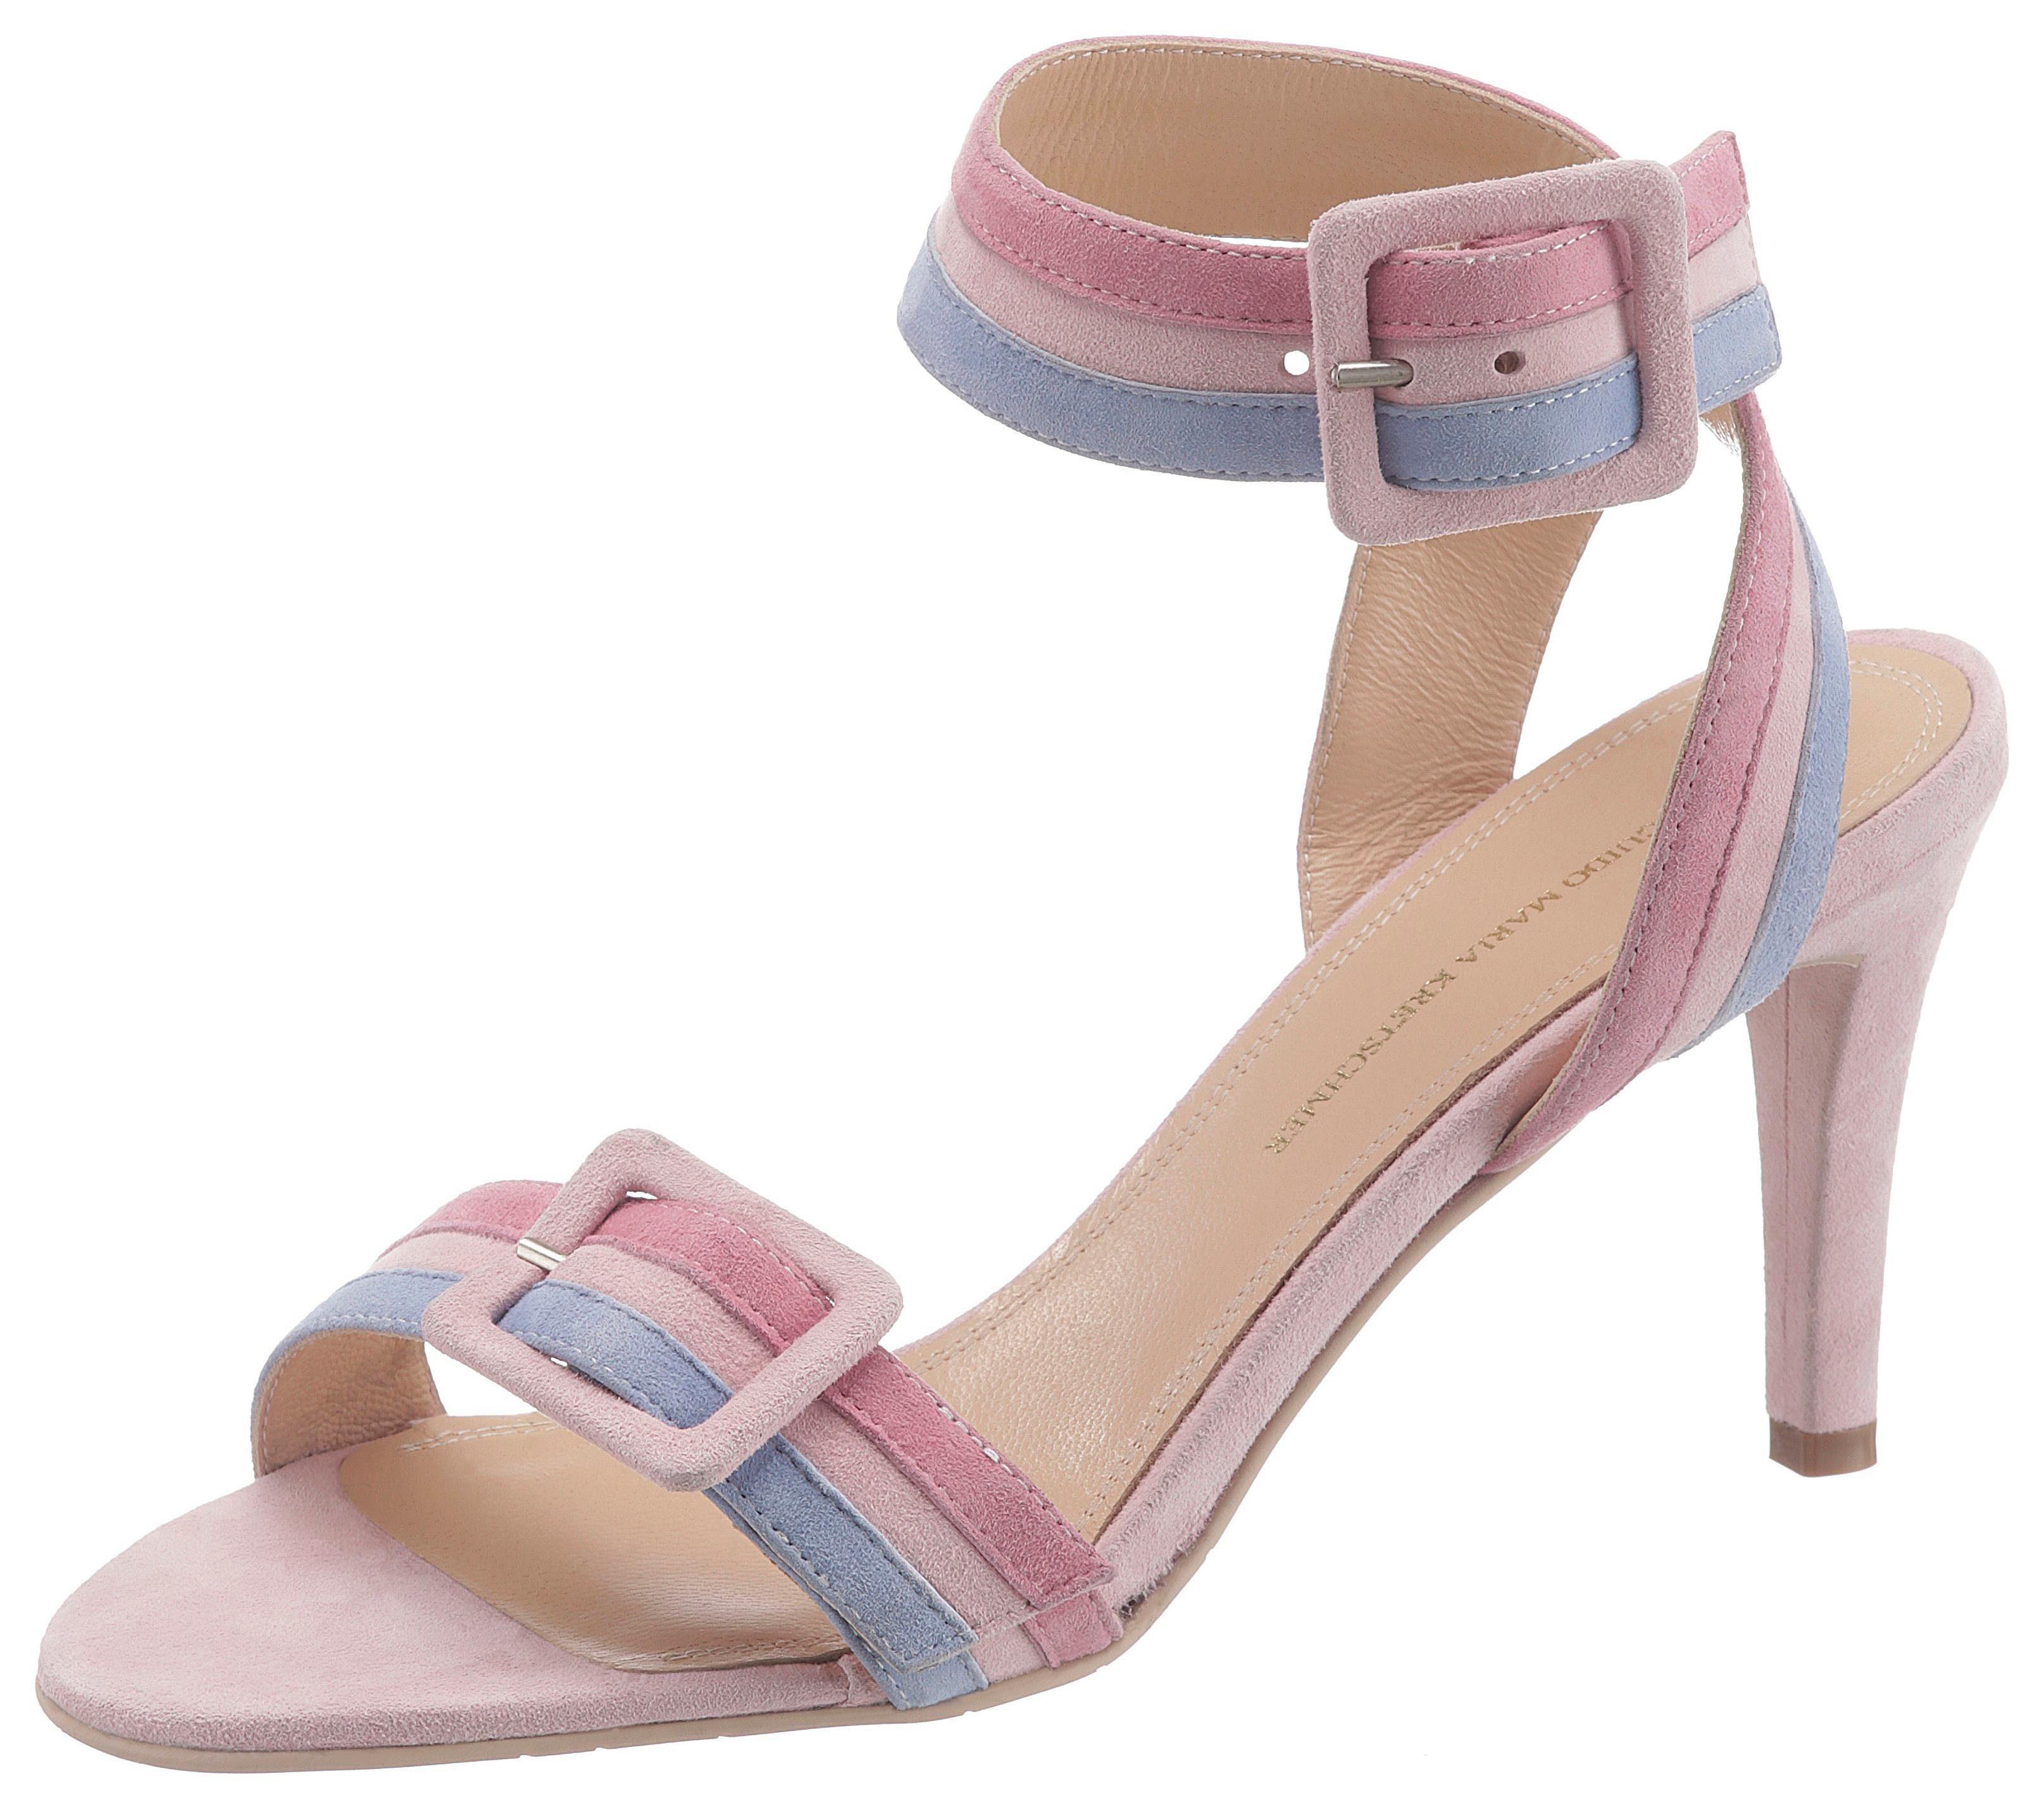 GUIDO MARIA KRETSCHMER Sandalette mit Zierschnalle und verstellbarer Schnalle